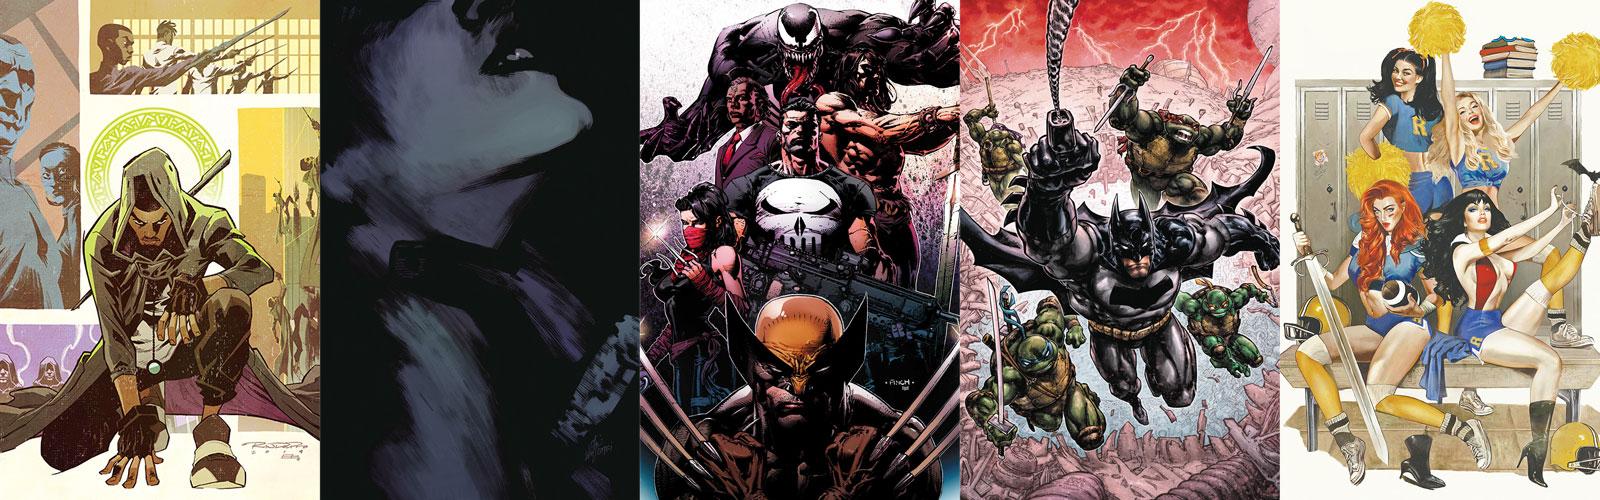 Ace Comics Advance Order List 366